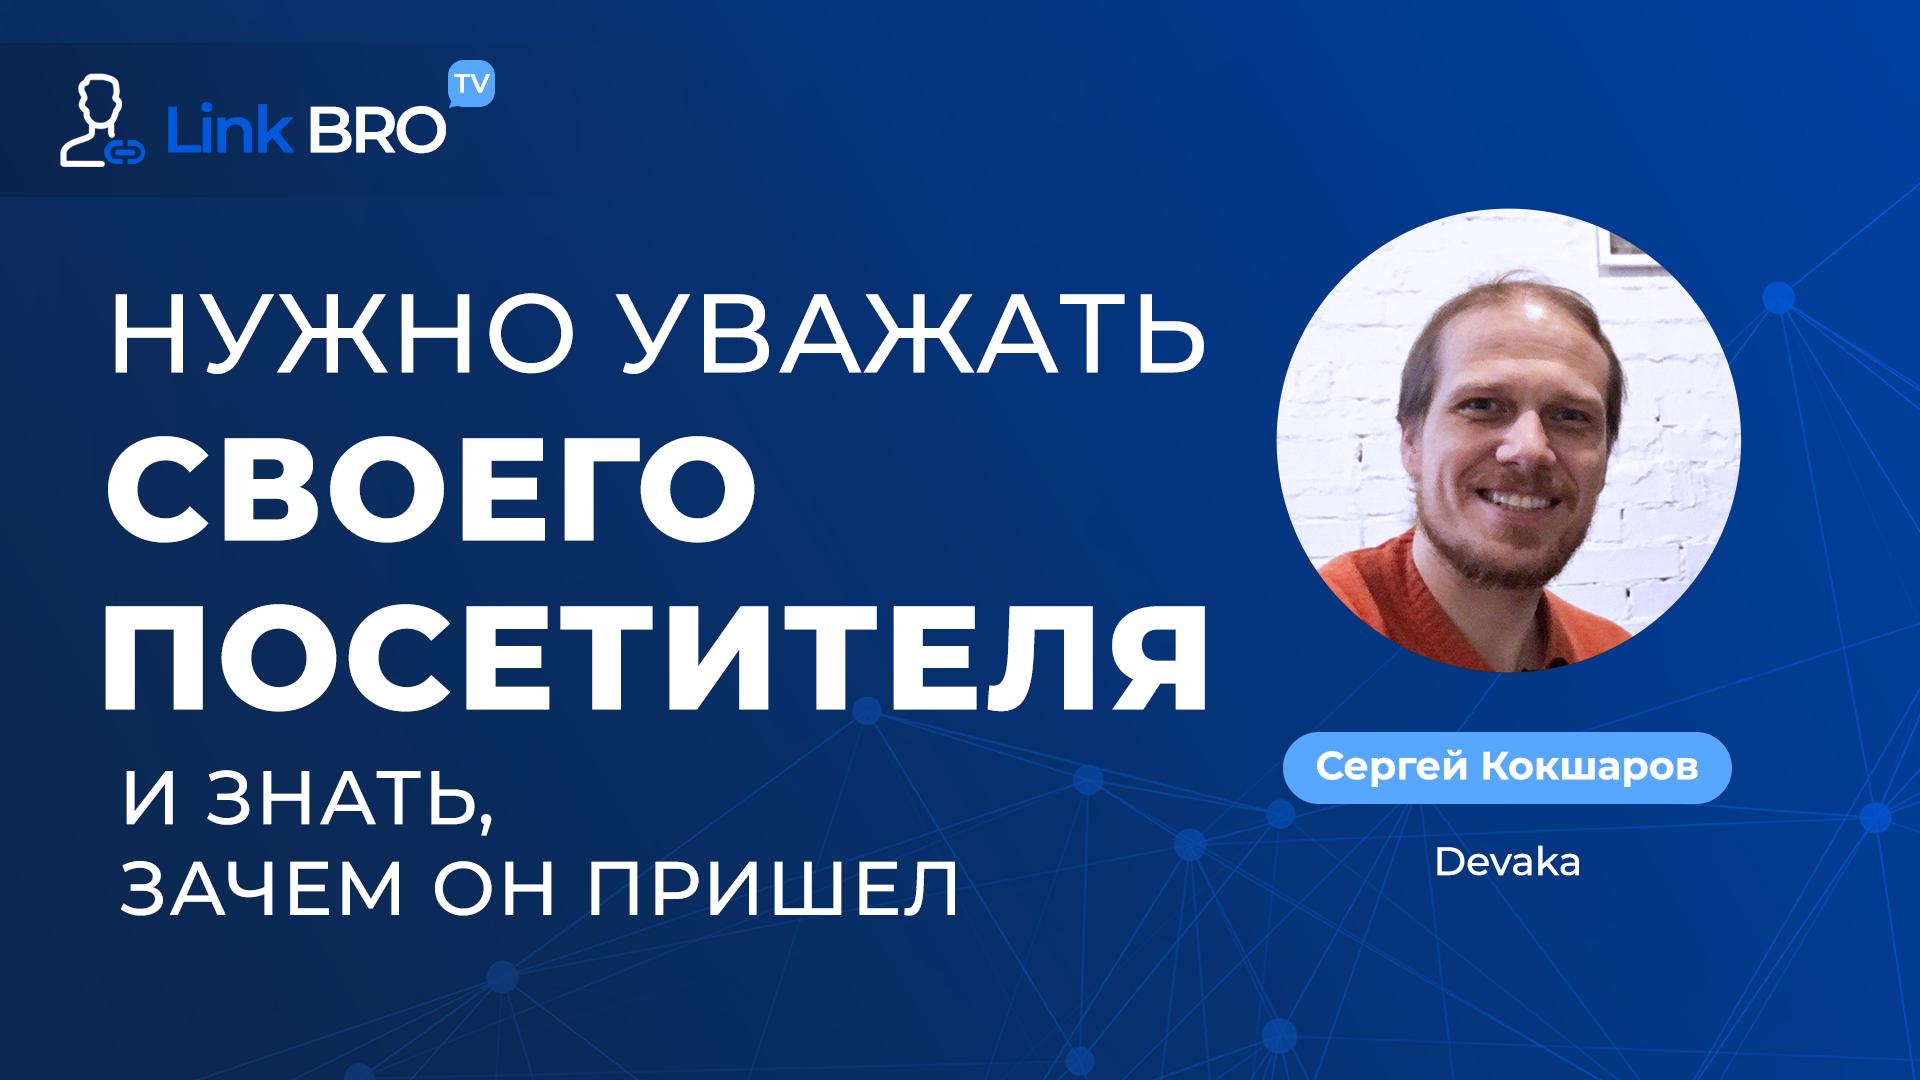 Сергей Кокшаров (Devaka) — Нужно уважать своего посетителя и знать, зачем он пришел